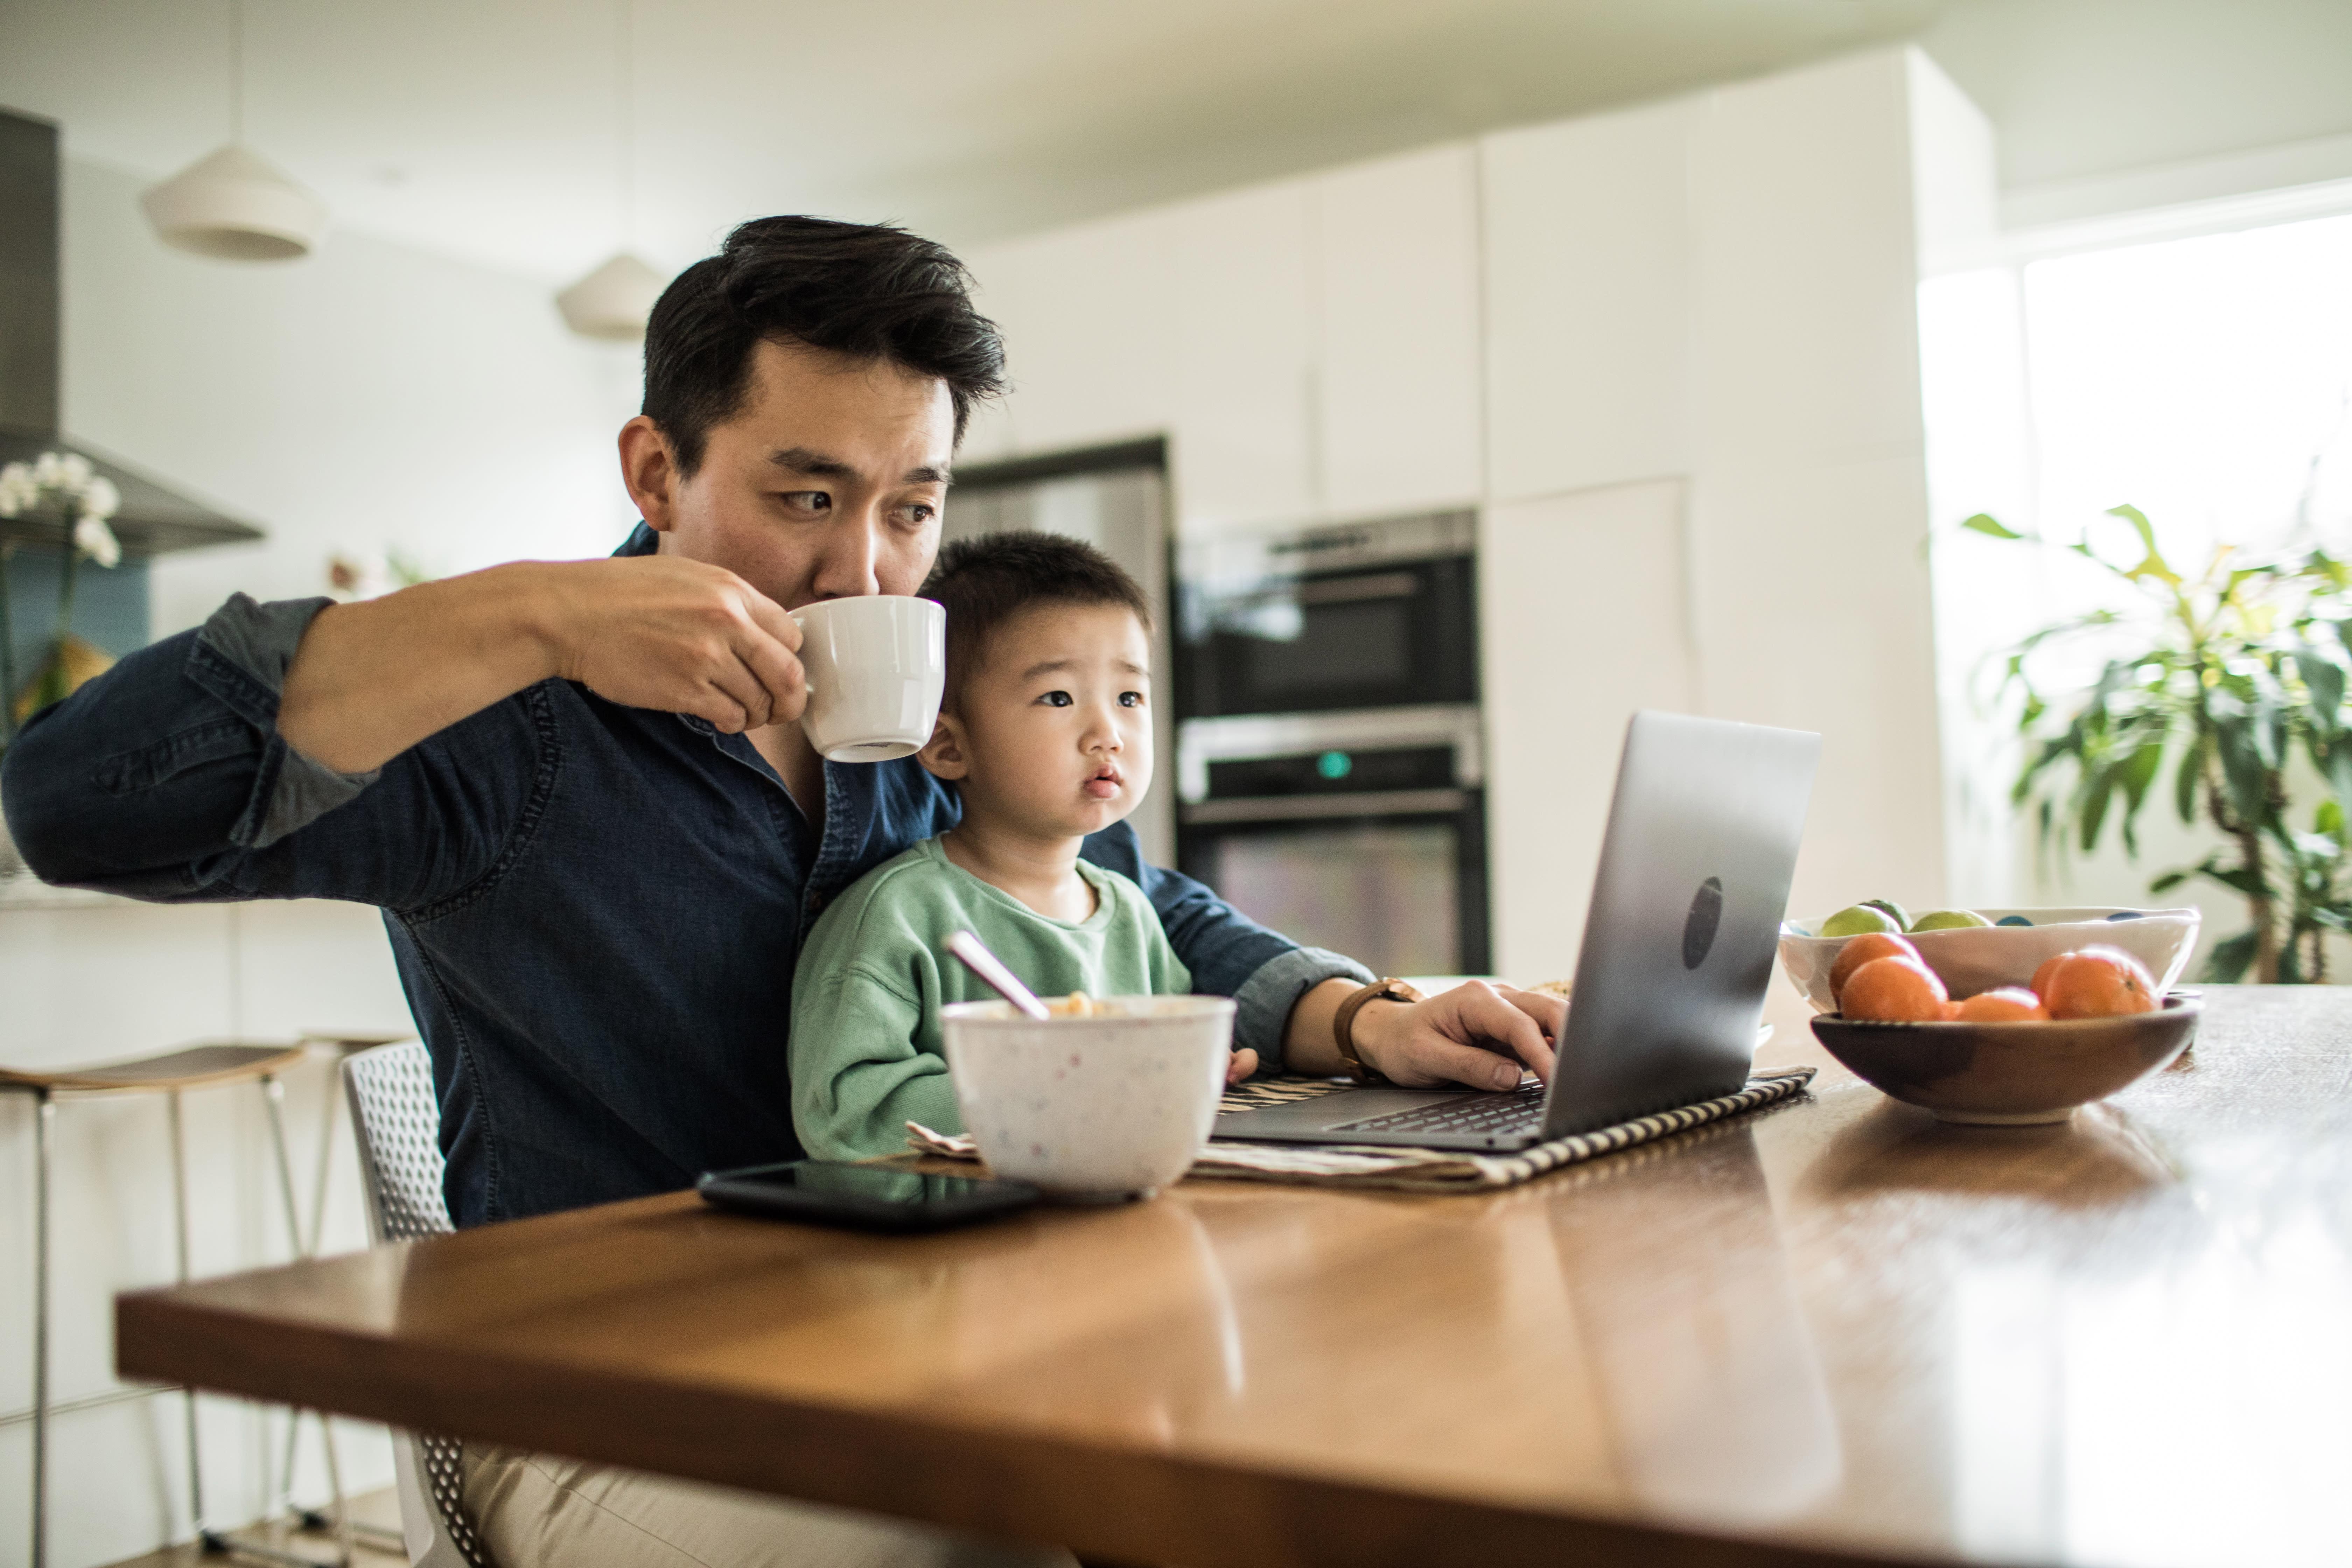 你的公司有沒有部署在家工作措施?